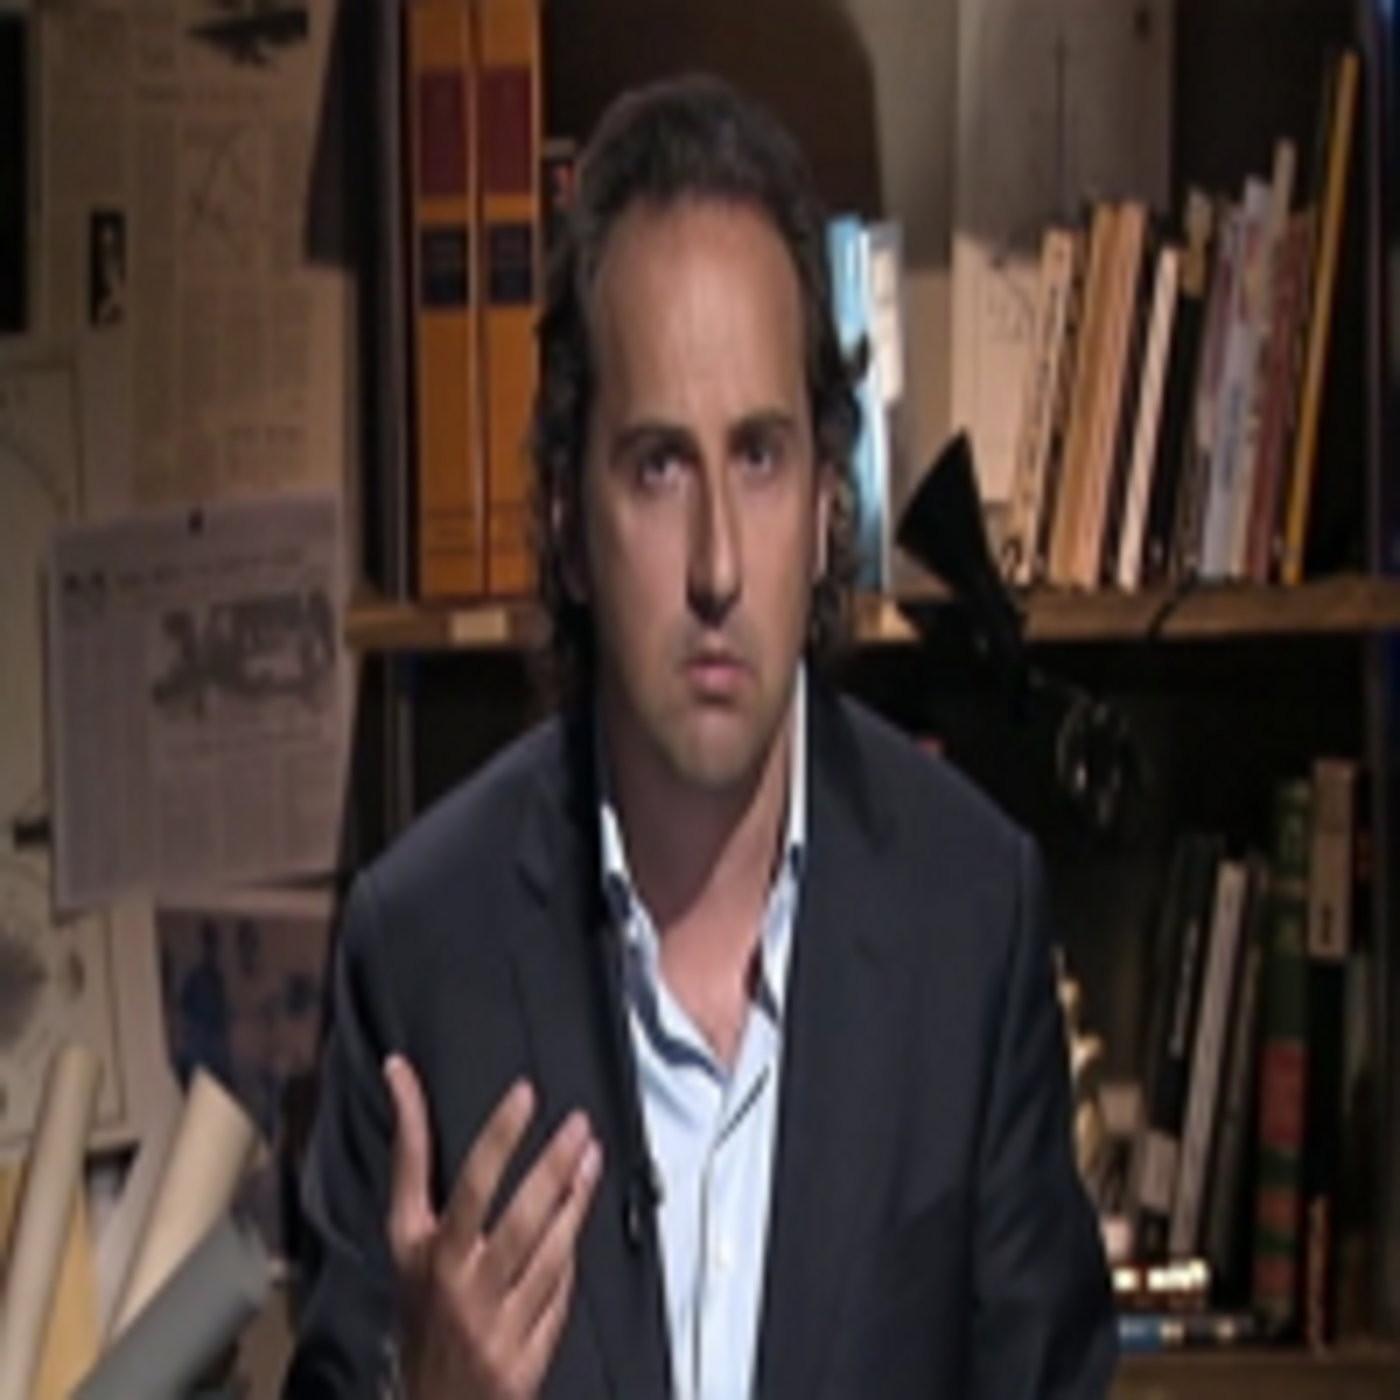 Escucha El cierre de Iker (Cuarto Milenio) - iVoox